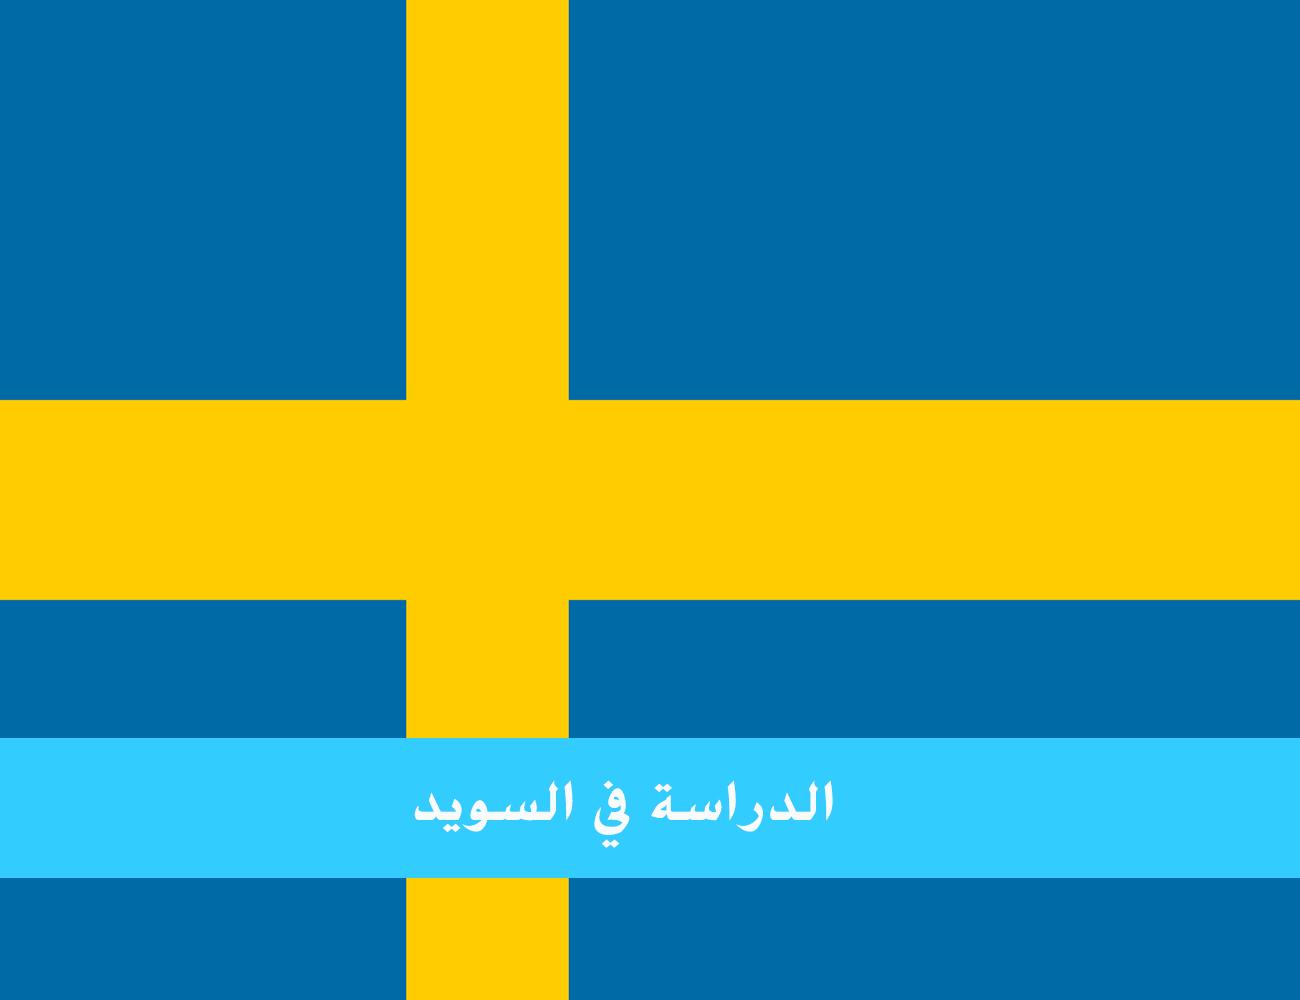 الدراسة في السويد الذي تتوجه ثقافته وتعليمه نحو العالم الأنجلوسكسوني